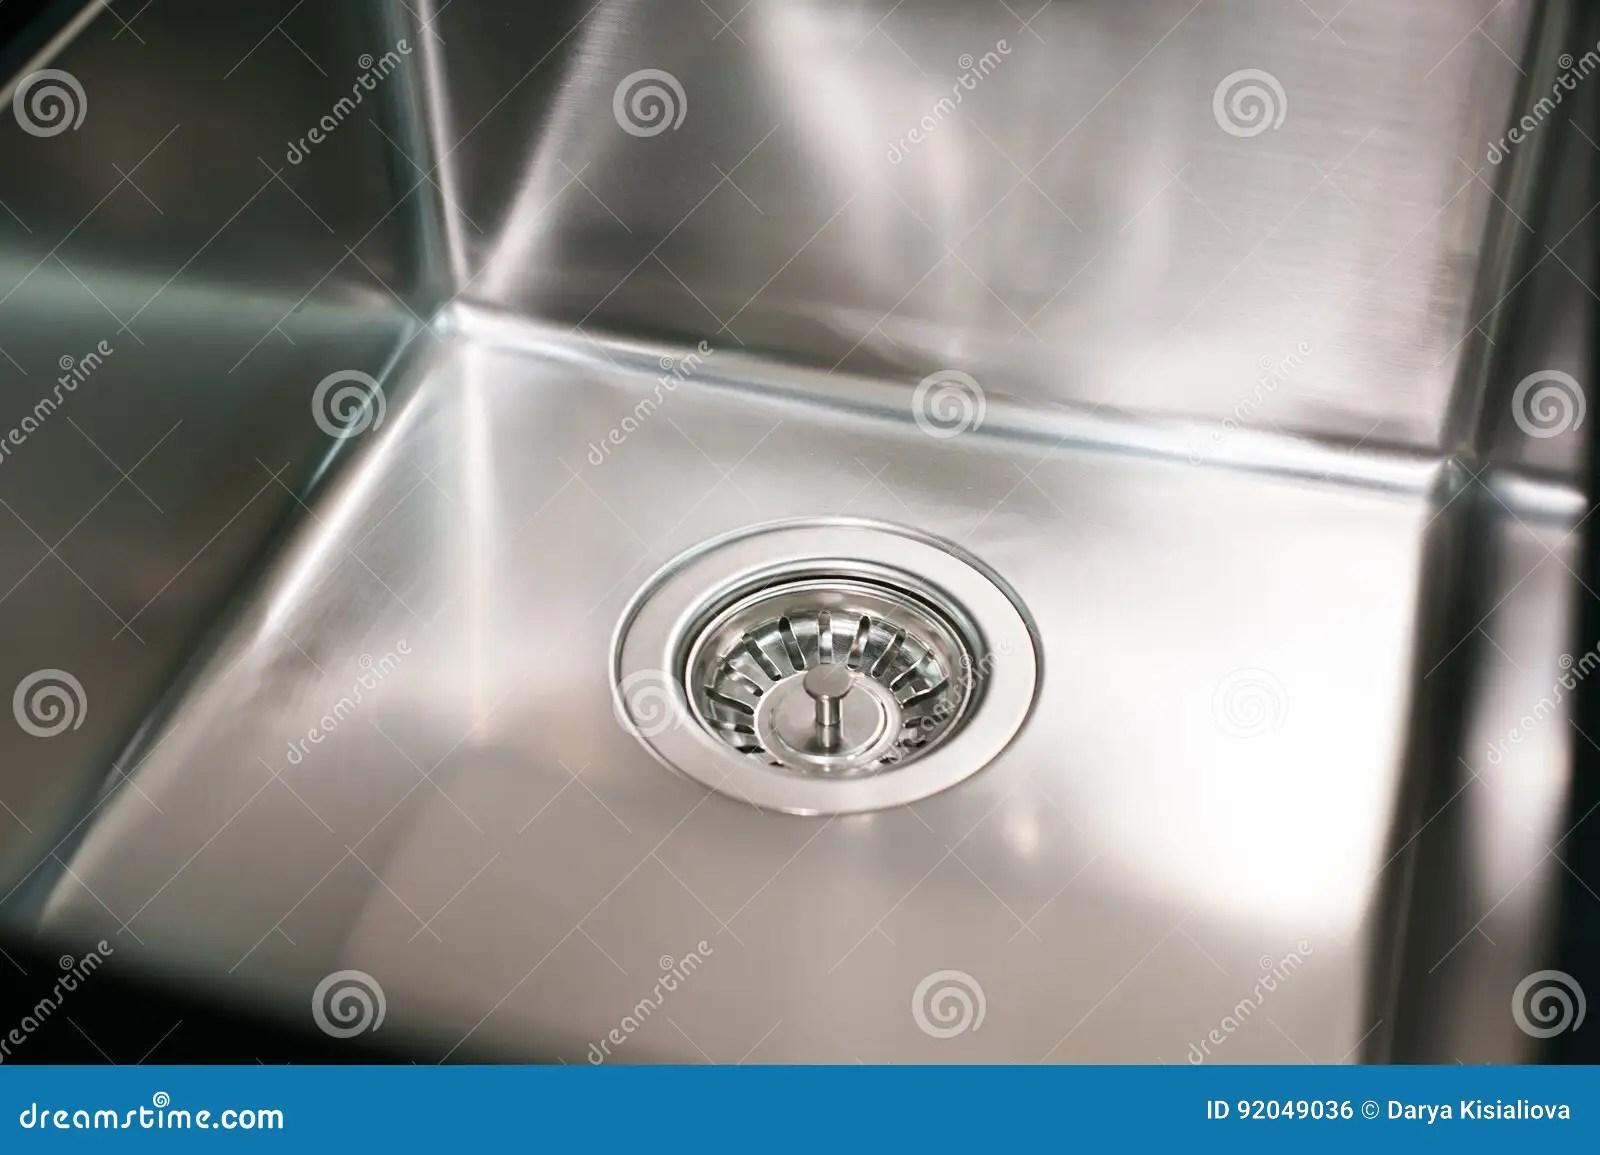 gold kitchen faucet bath and 厨房水槽角度图与金龙头的库存照片 图片包括有计数器 装饰 任何地方 厨房水槽角度图与金龙头的